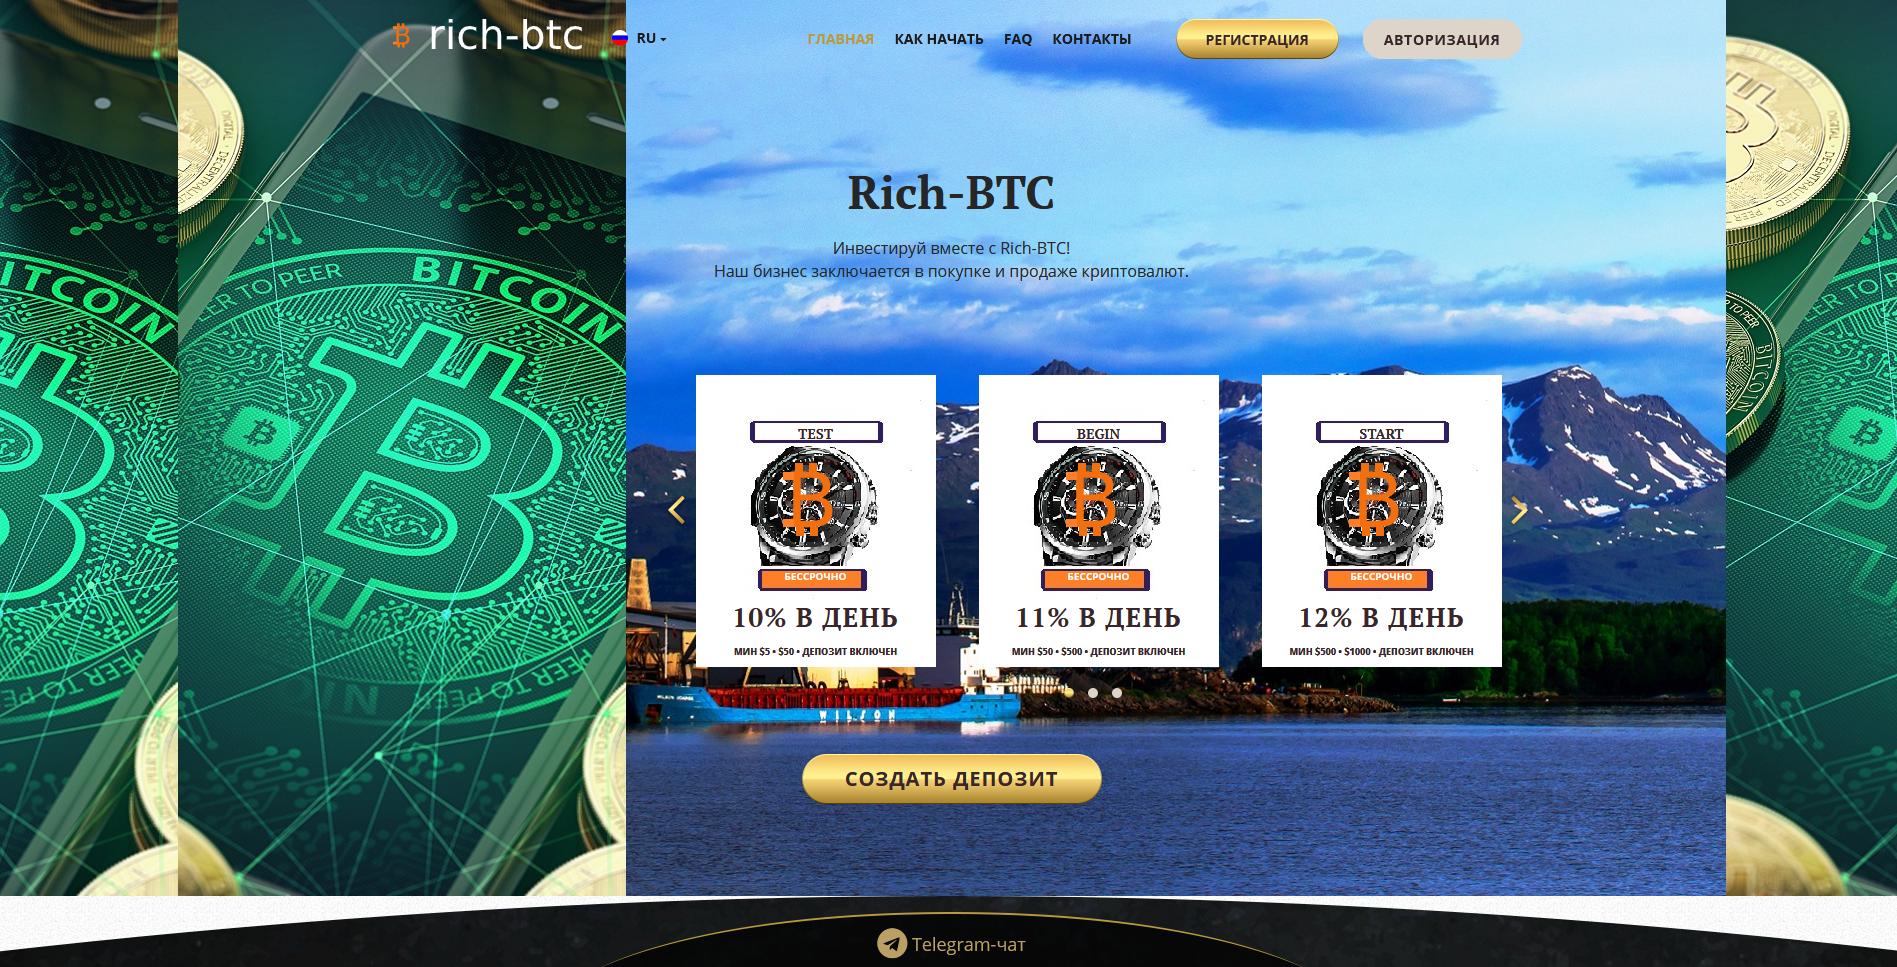 Rich-btc - rich-btc.com